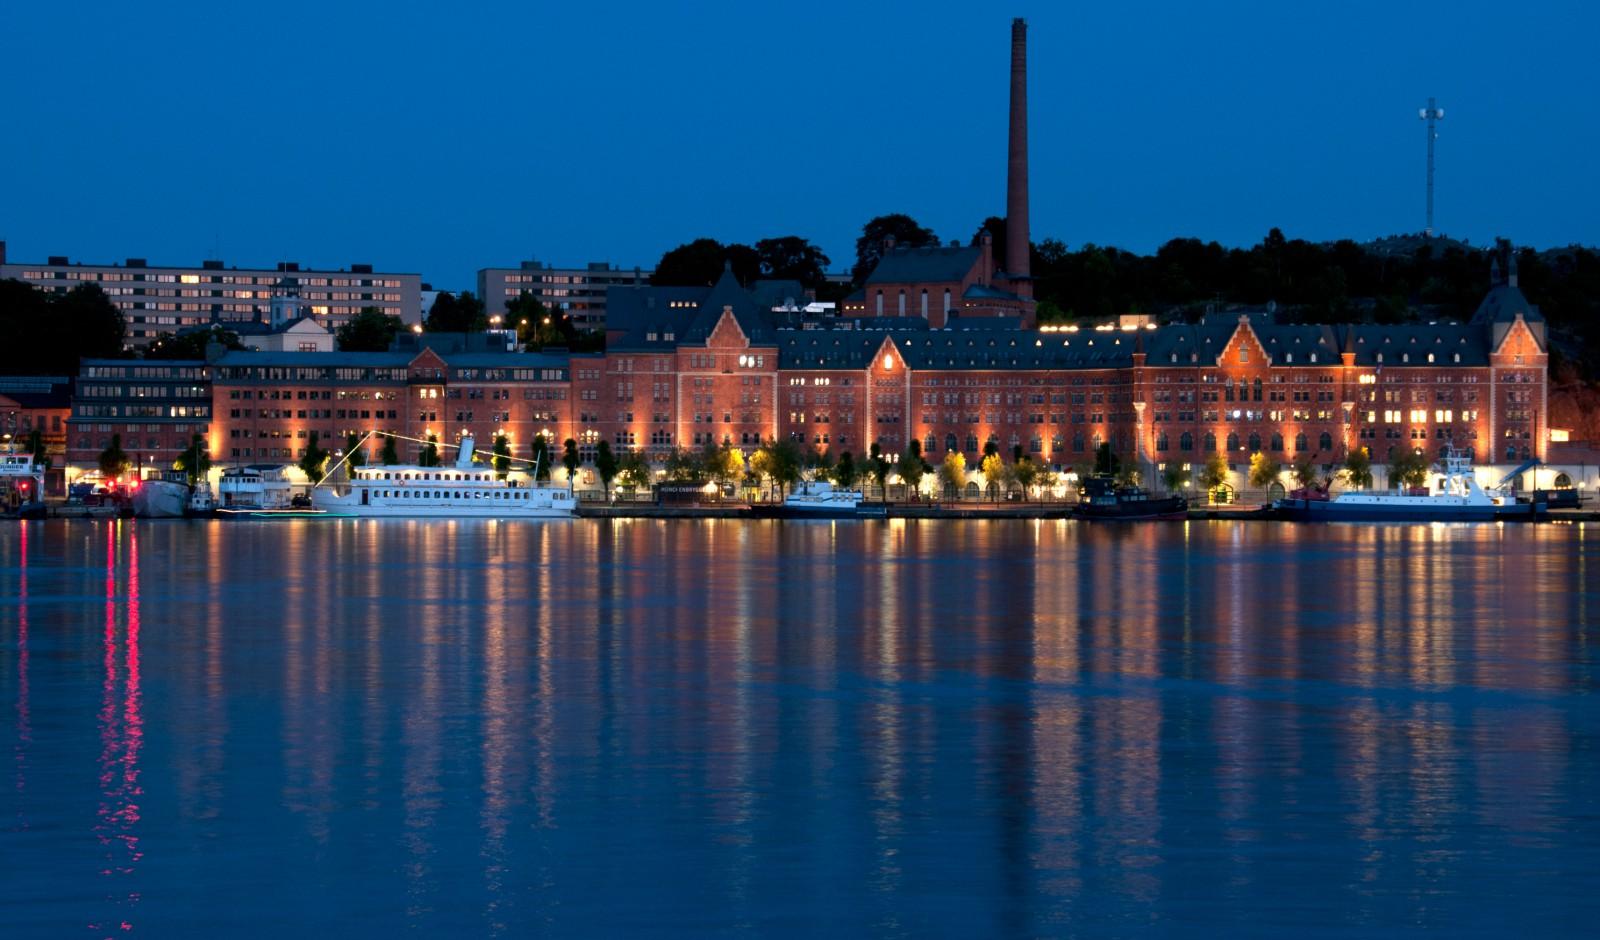 <h1>Münchenbryggeriet</h1><h4>Under slutet av 2012 levererade Stockholm Lighting 26 st Lumenbeam Medium för belysning av Munchenbryggeriets fasad. Installationen planerades och genomfördes av Elektrounion AB.</h4>